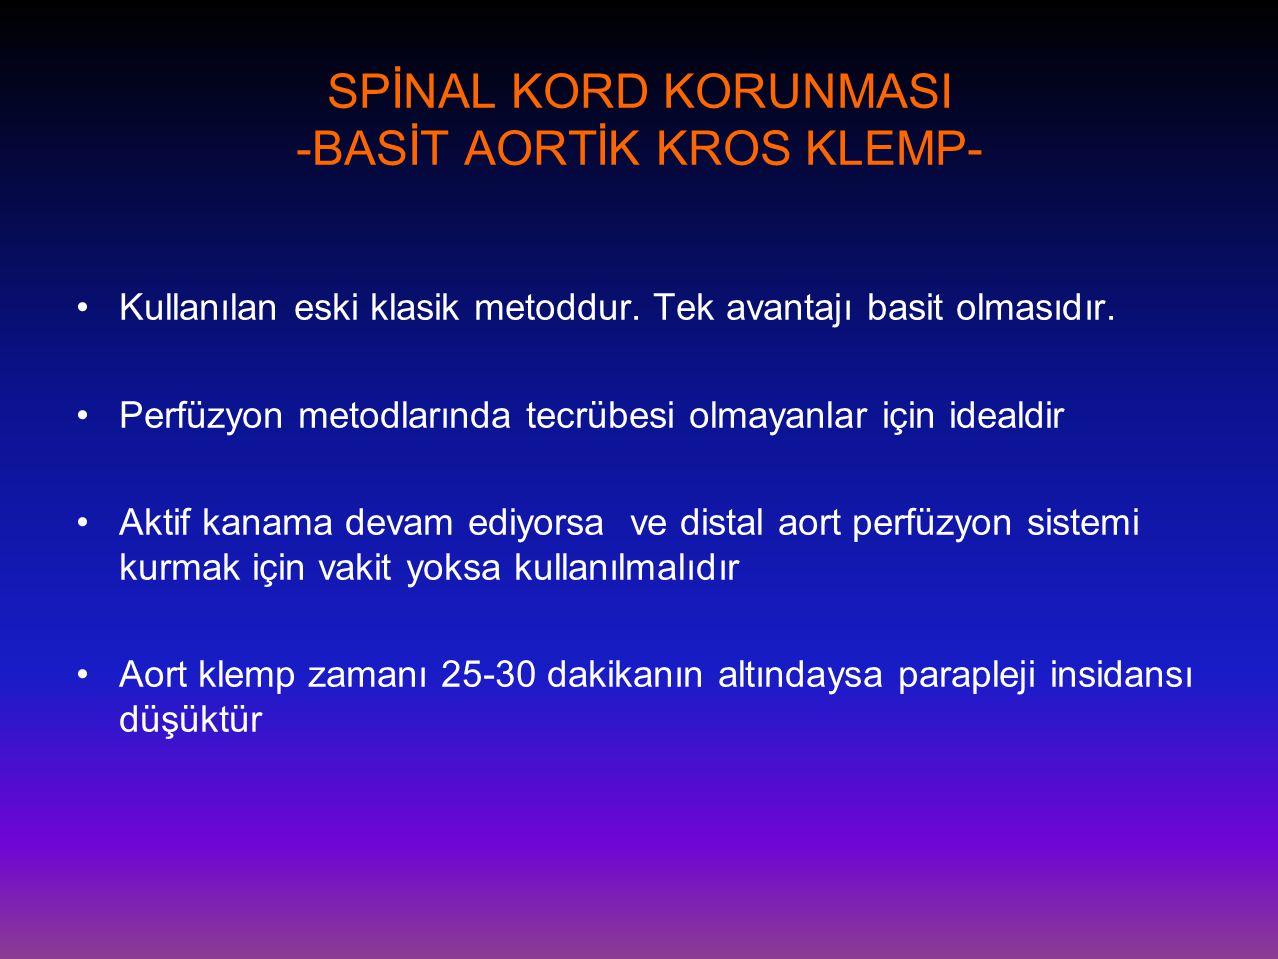 SPİNAL KORD KORUNMASI -BASİT AORTİK KROS KLEMP-